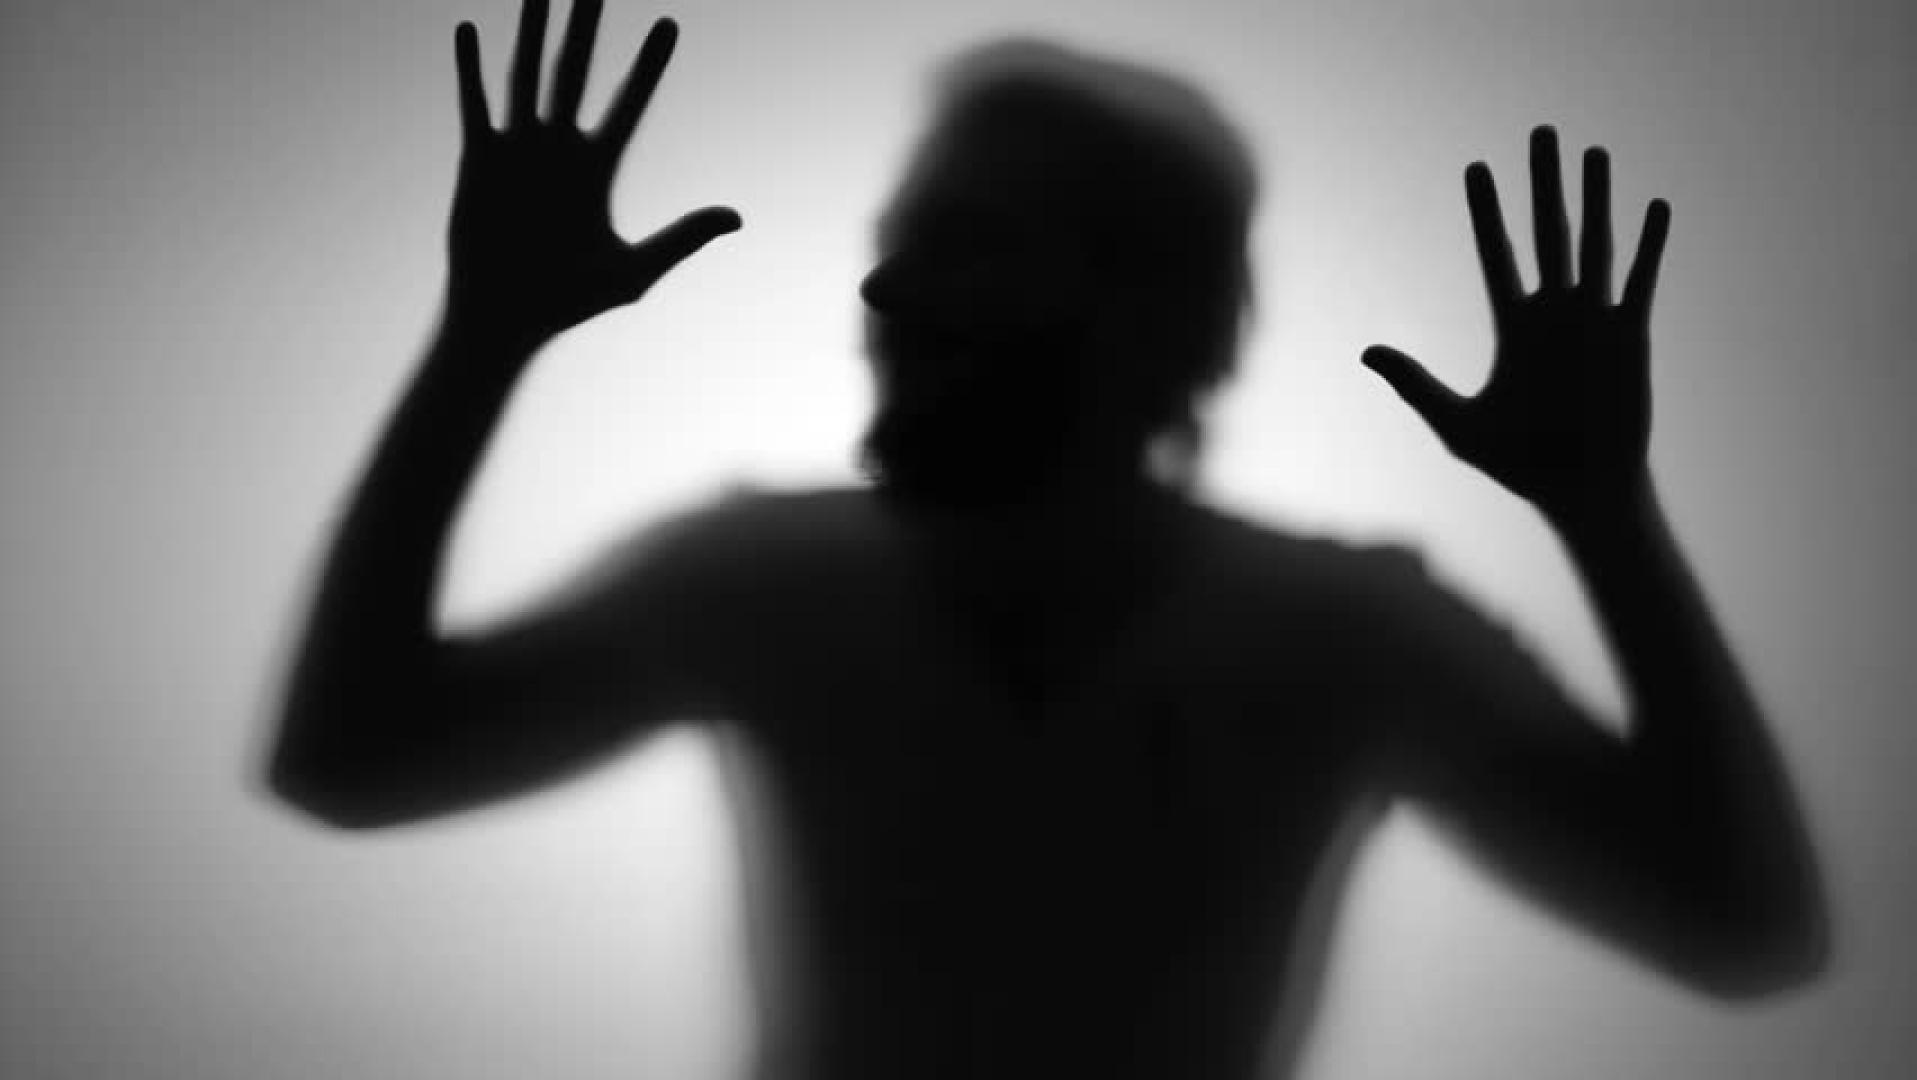 Lassan felkúszó fortélyos félelmeink - a szörnyek, szorongás helyszín és forrásváltozásai a horrorban és thrillerben